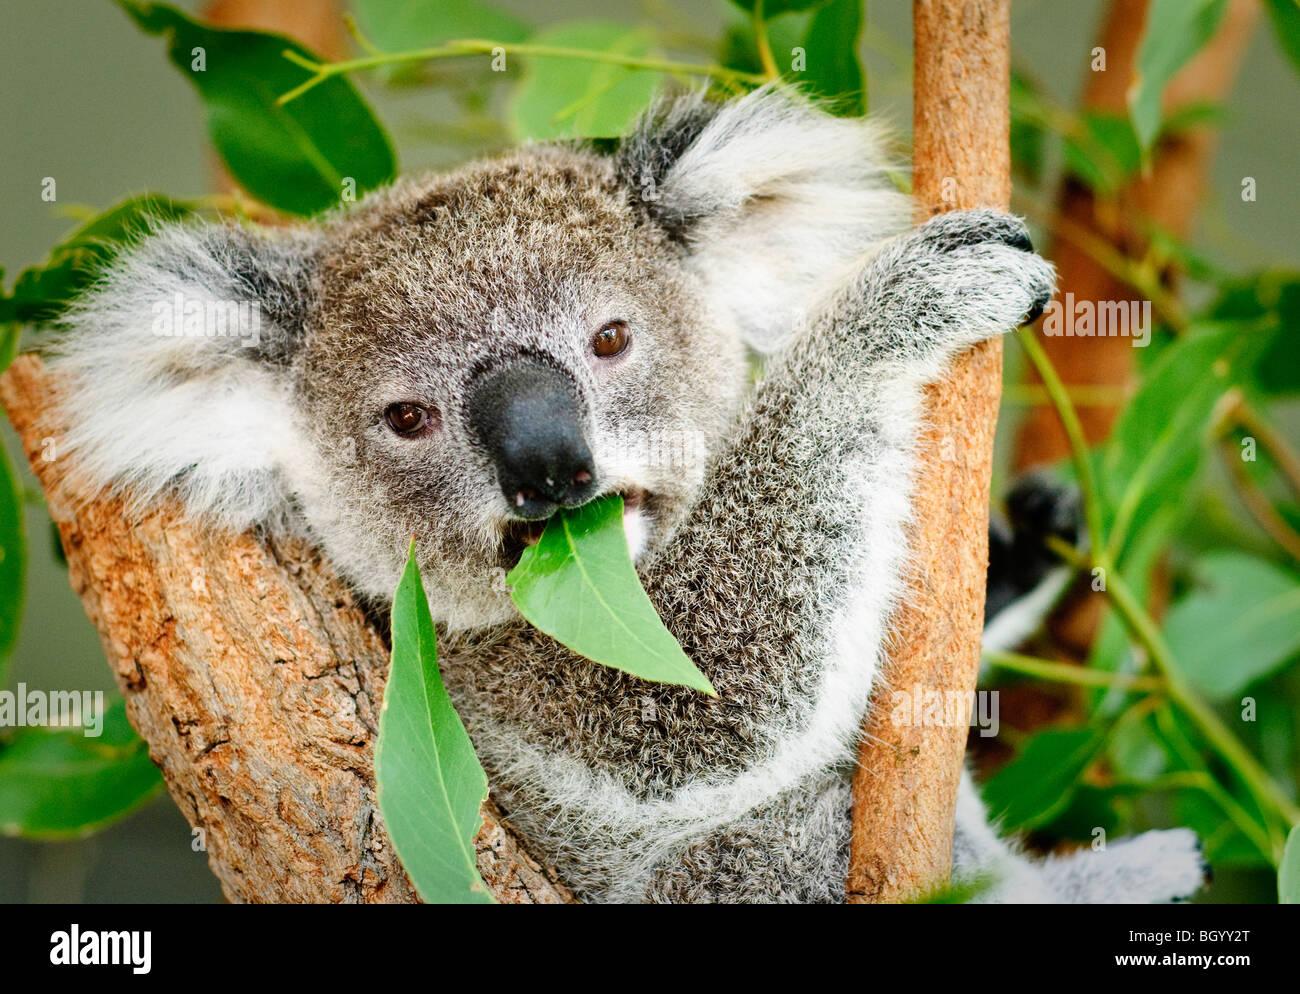 SYDNEY, Australia - Sydney, Australia - un koala sentado en un árbol comiendo una goma de mascar la hoja y Imagen De Stock